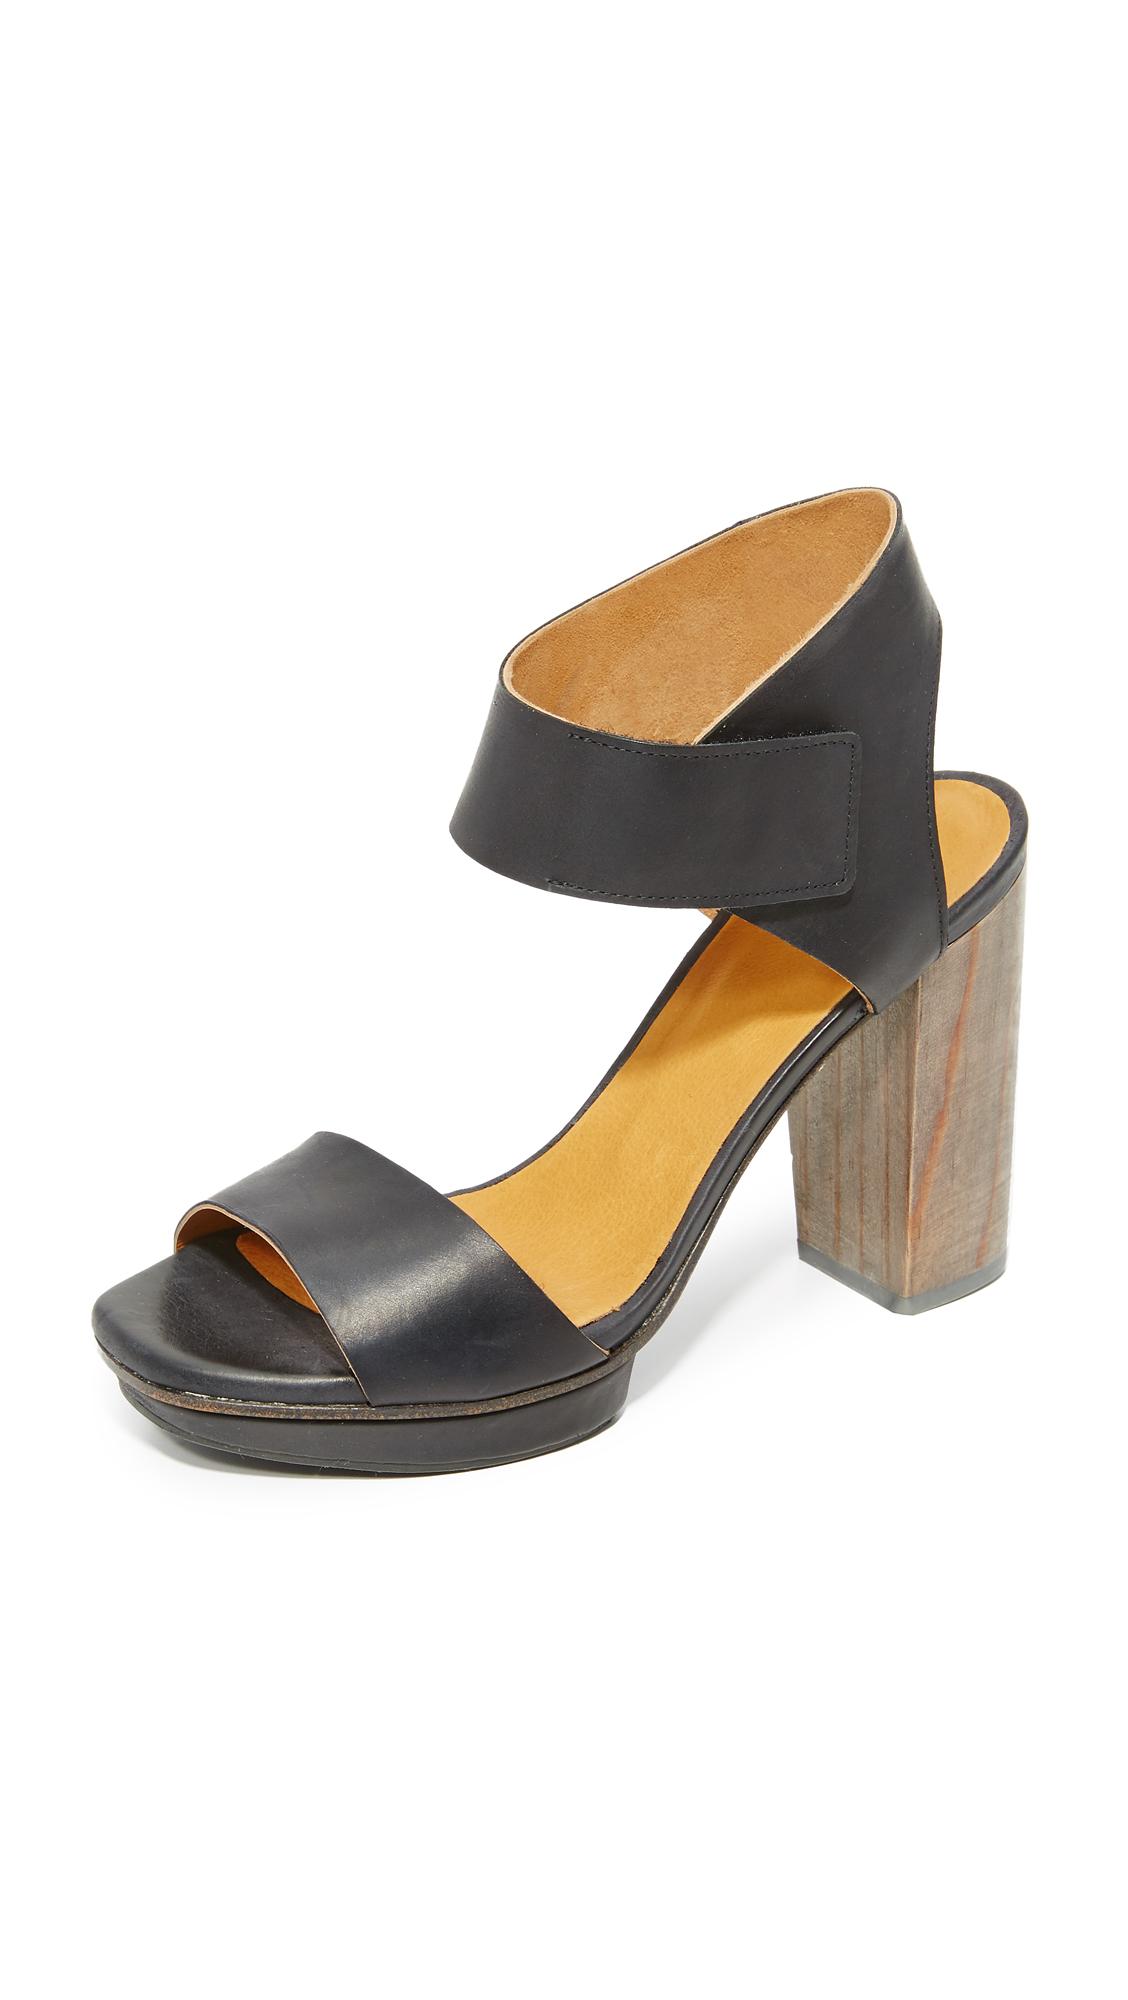 Coclico Shoes Leggy Platform Sandals - Black/Gris at Shopbop